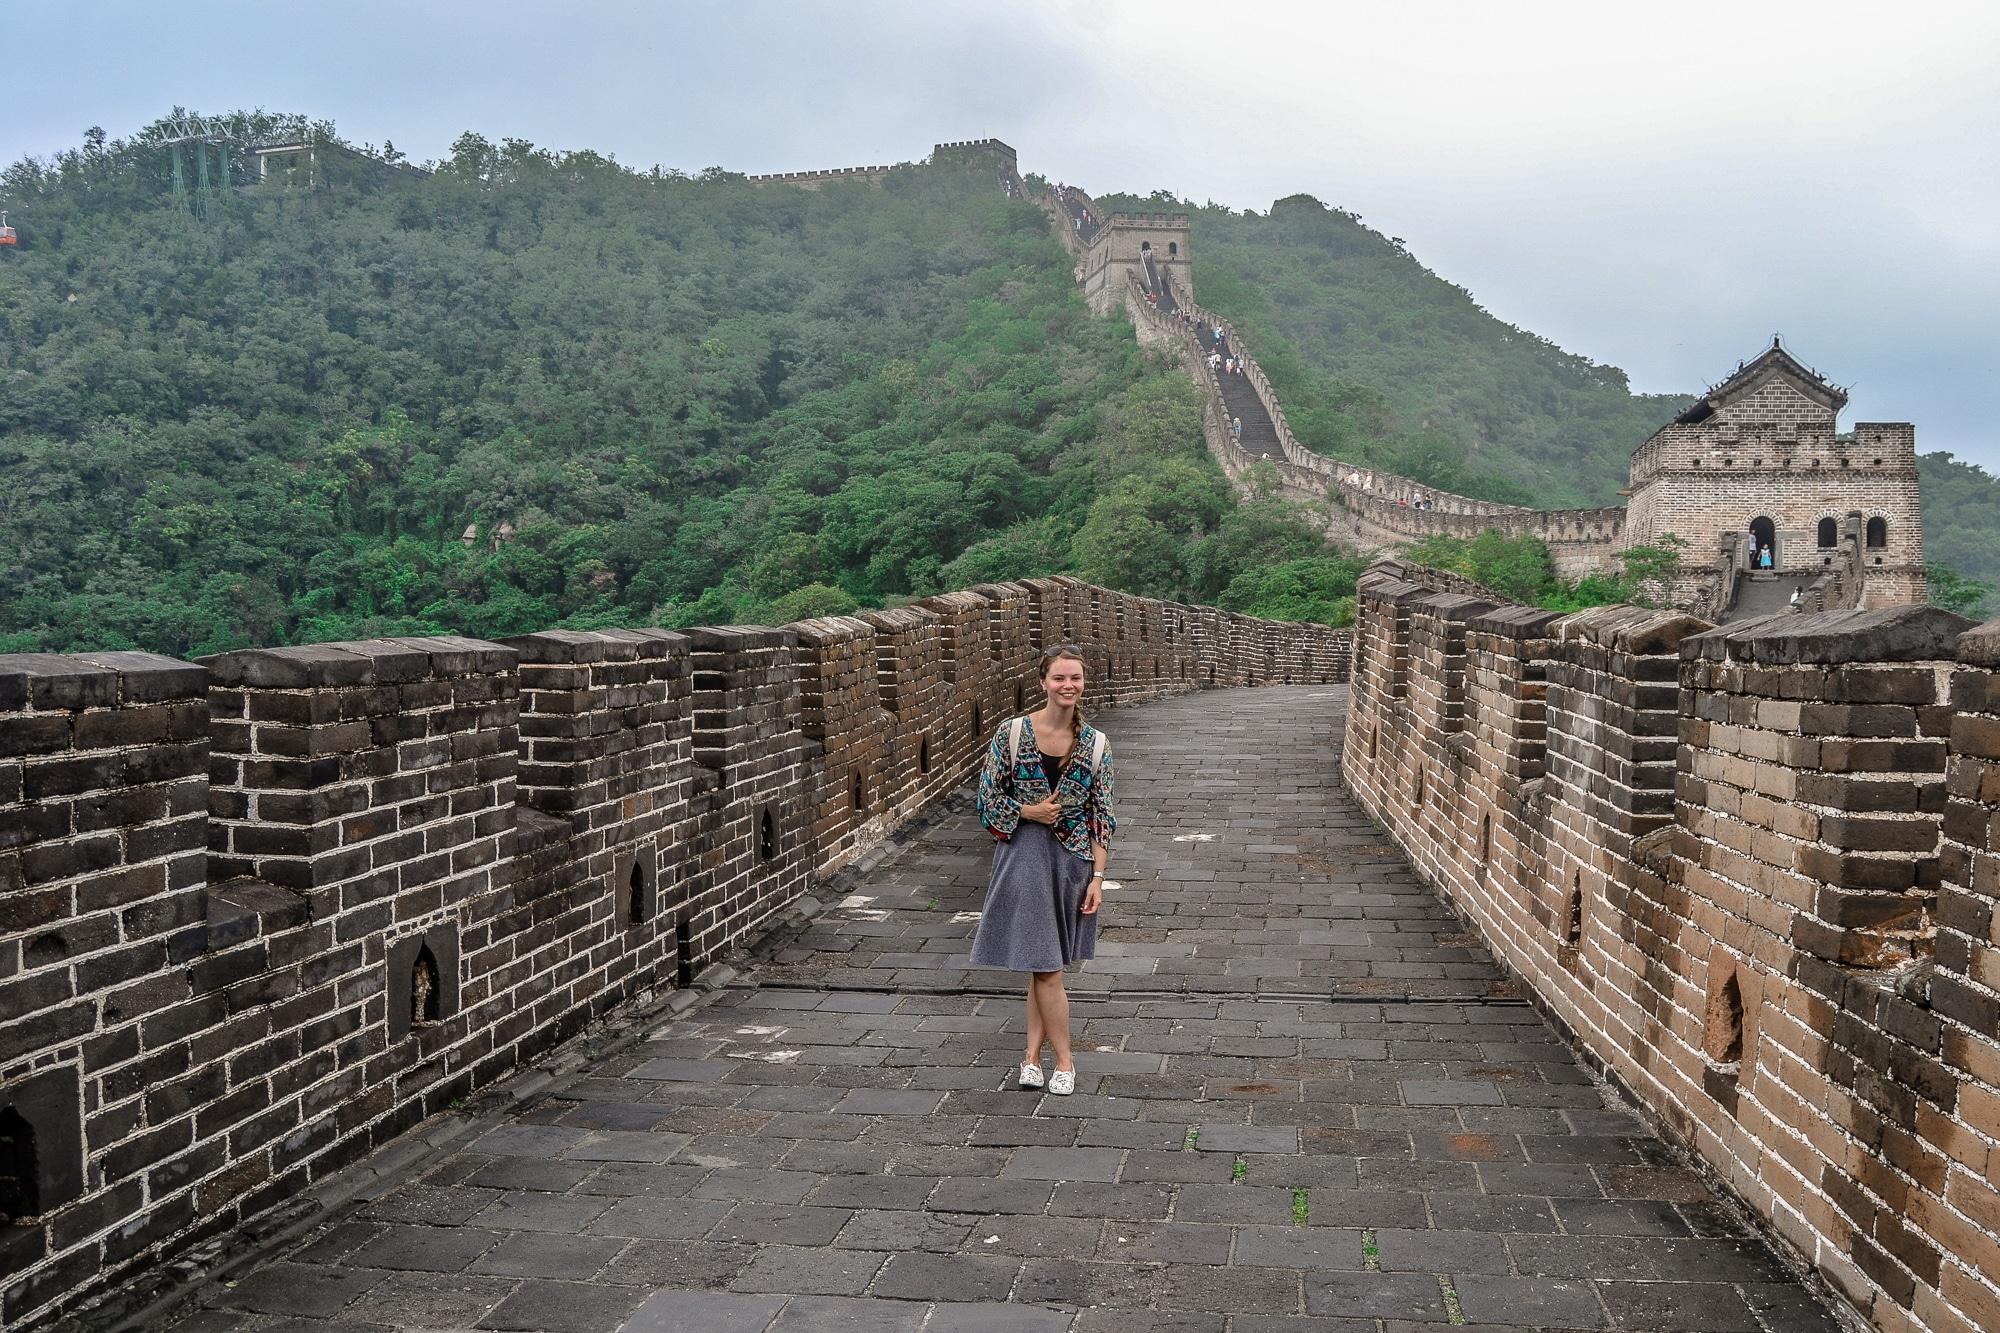 Chinesische Mauer von Peking nach Mutianyu